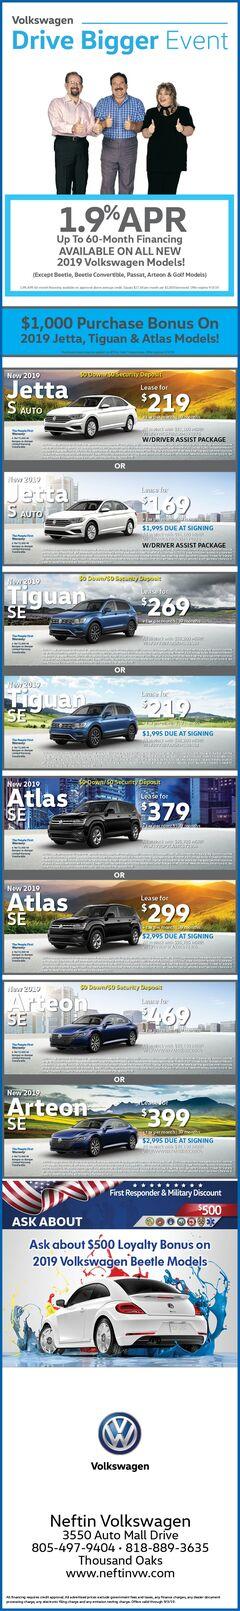 Drive Bigger Event Ad